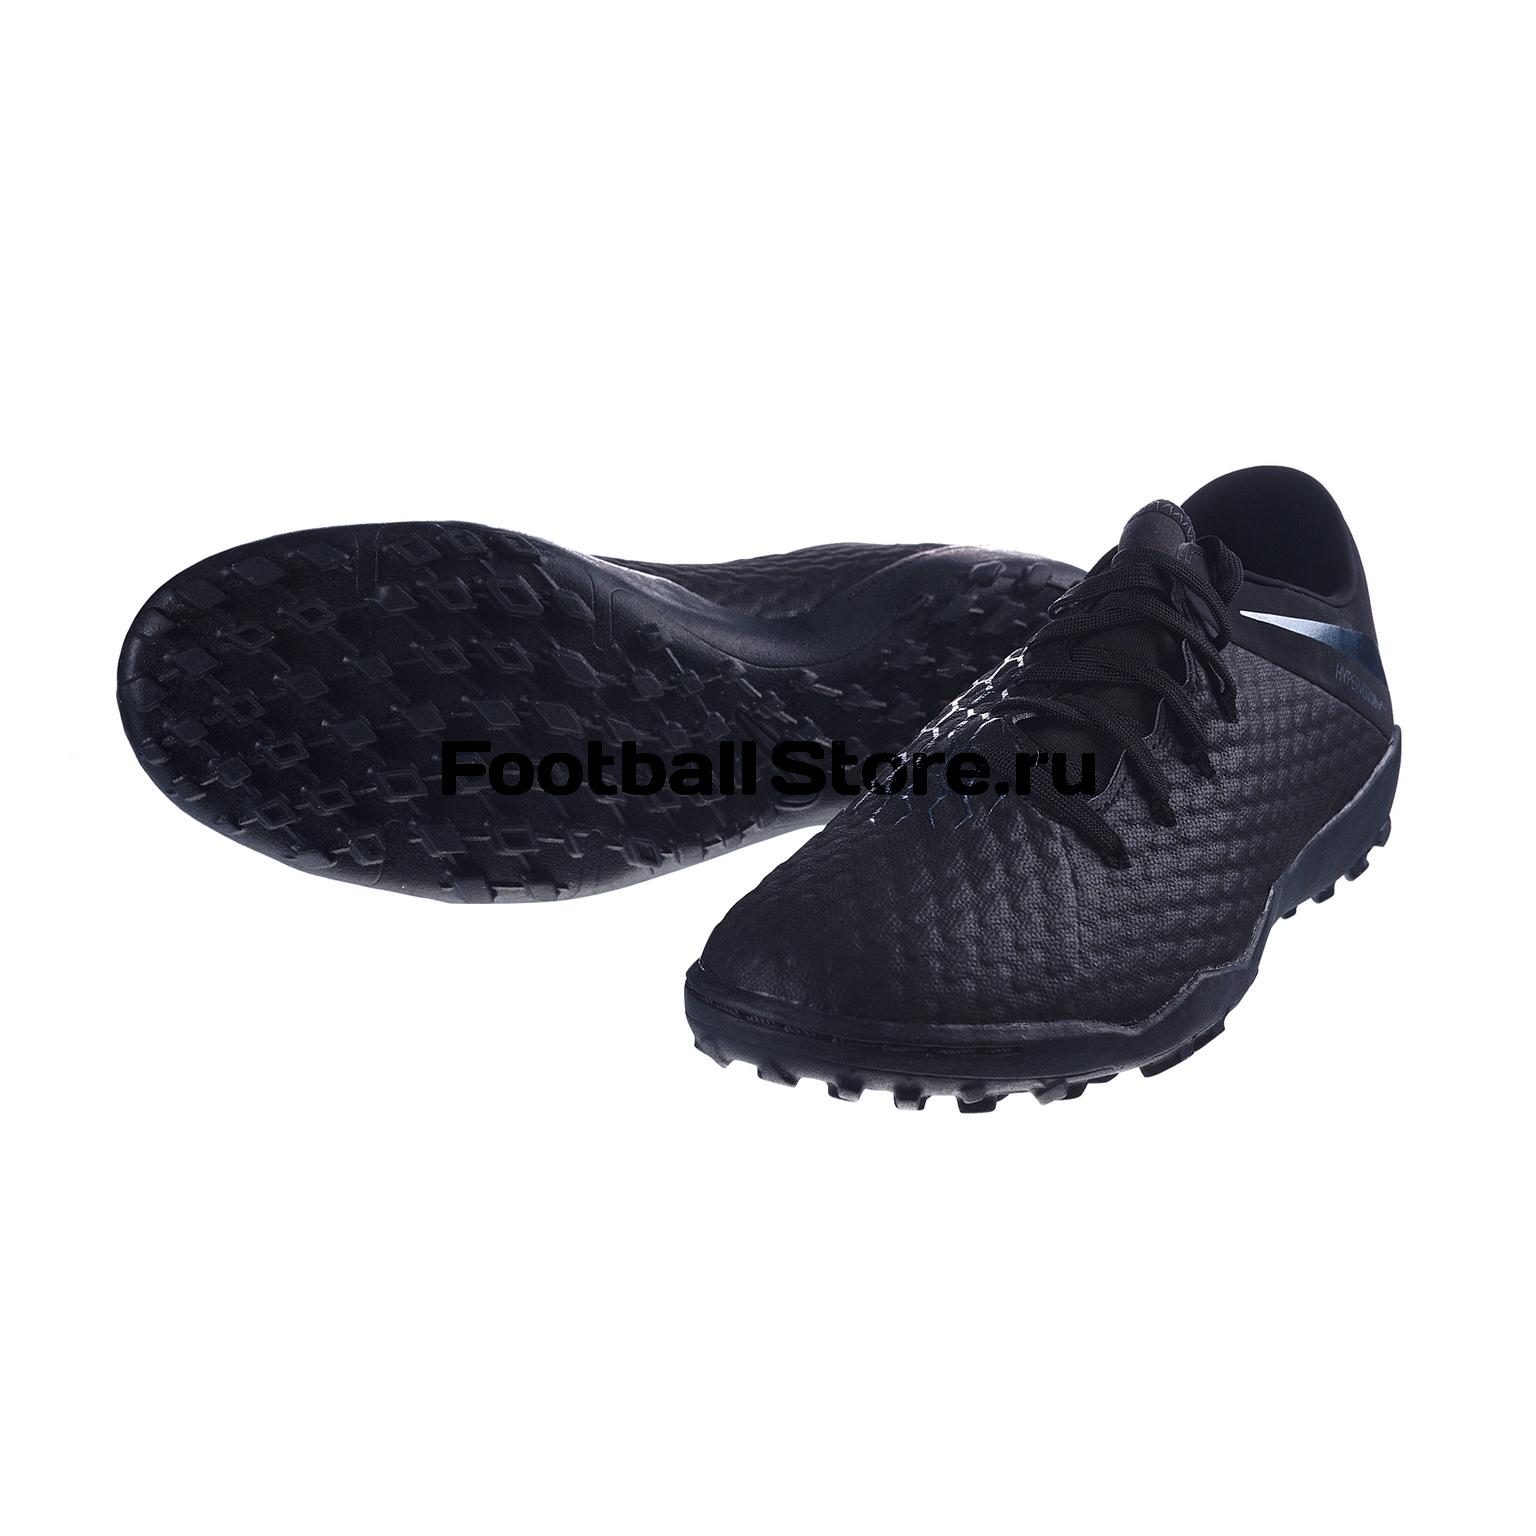 Шиповки Nike Hypervenom X 3 Academy TF AJ3815-001 шиповки nike lunar legendx 7 pro tf ah7249 080